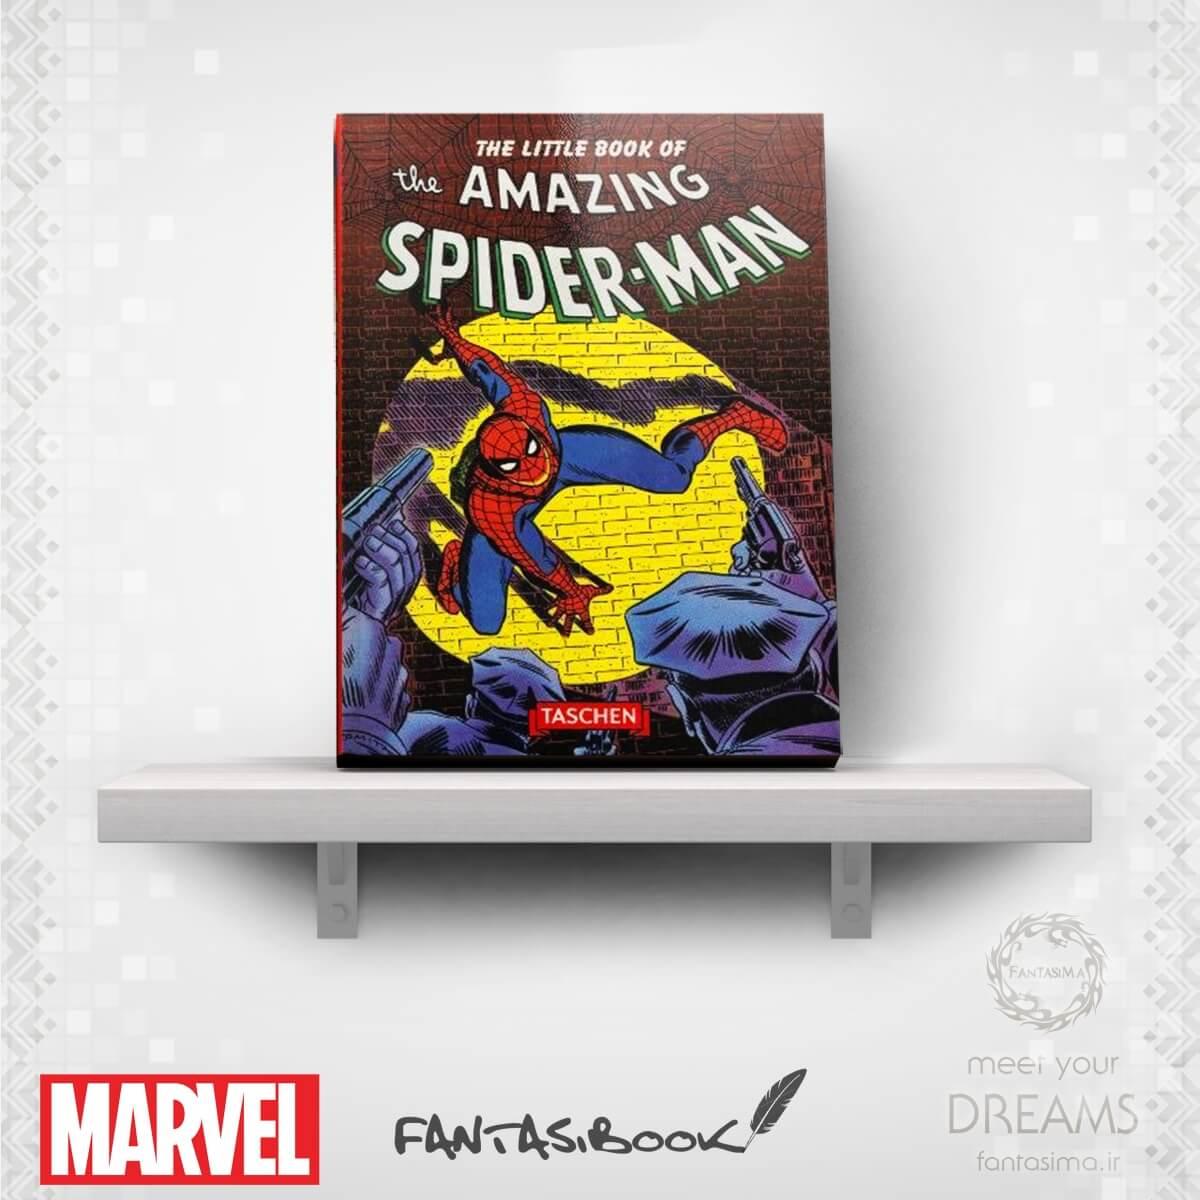 کتاب کوچک مرد عنکبوتی